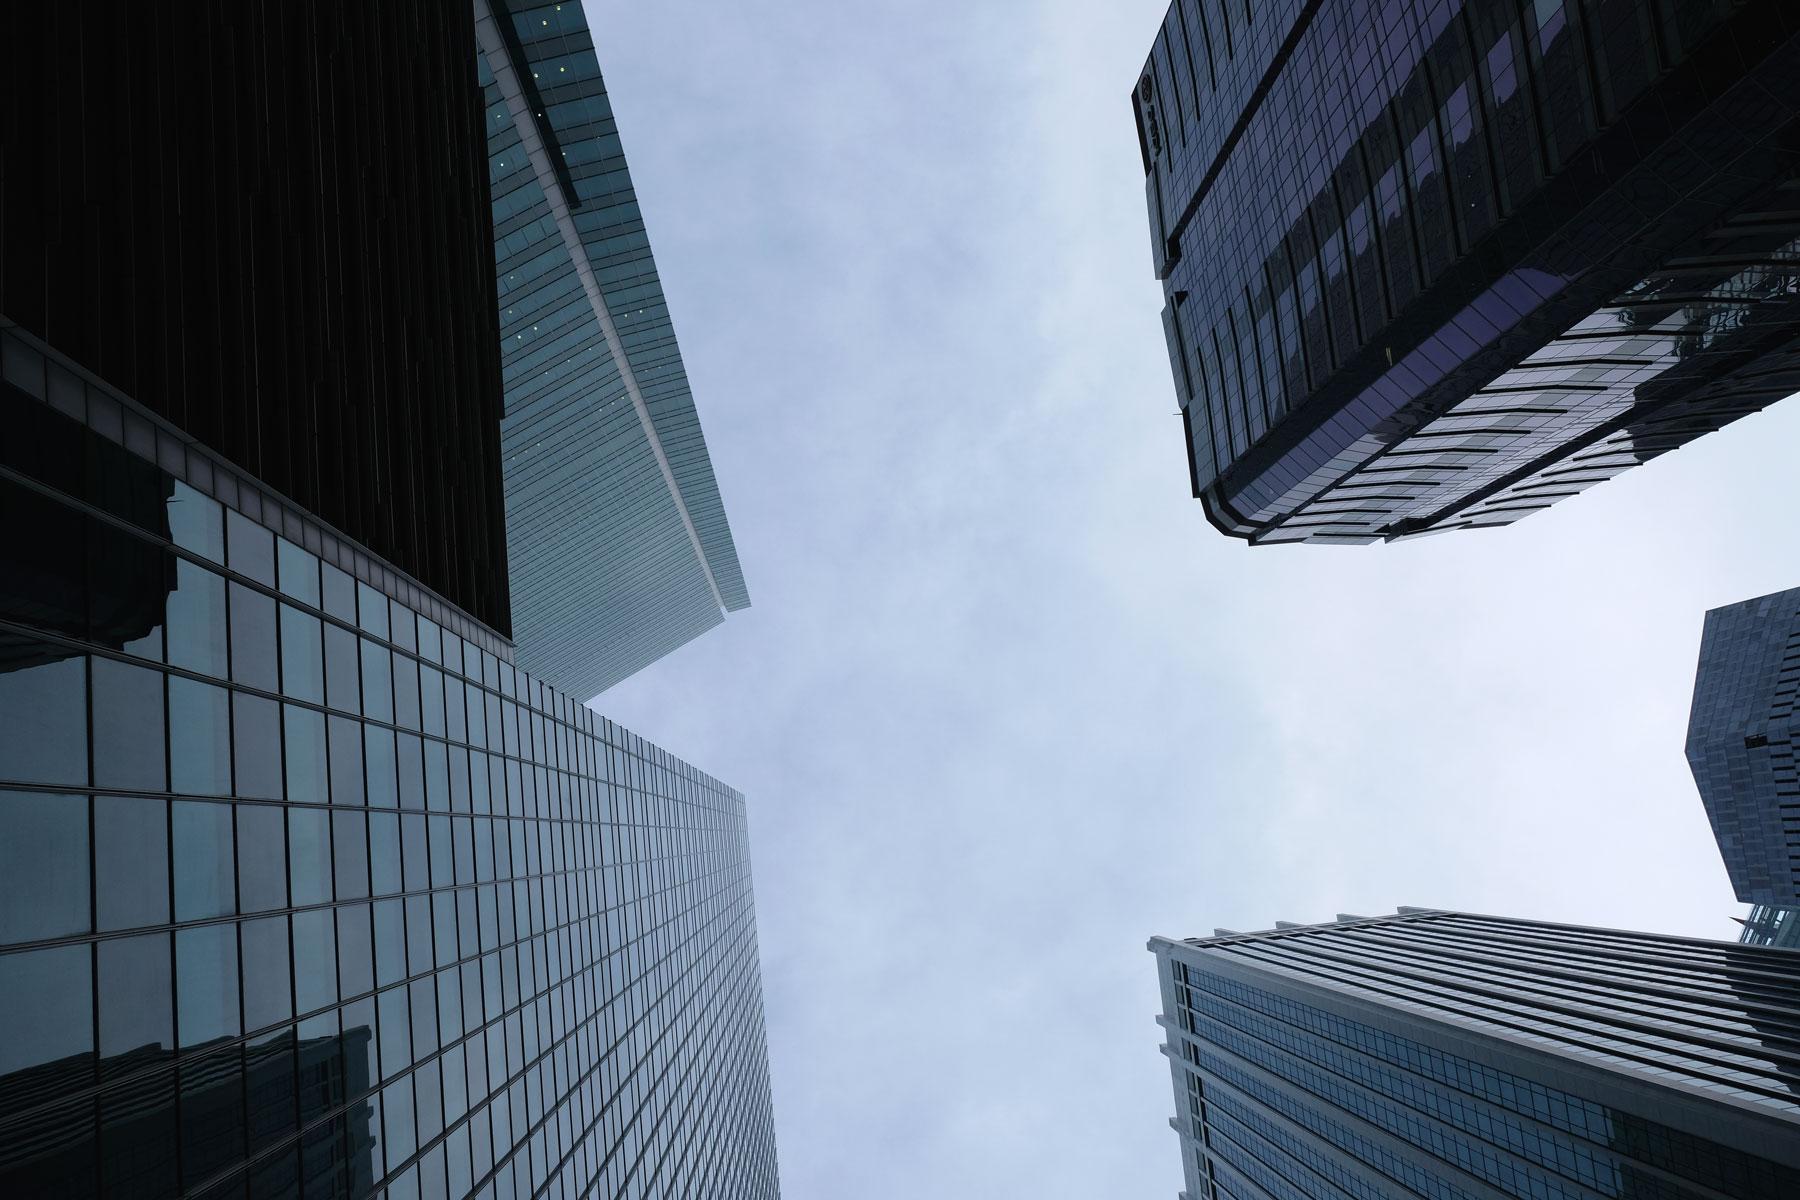 Blick in den Himmel zwischen den Hochhäusern hindurch